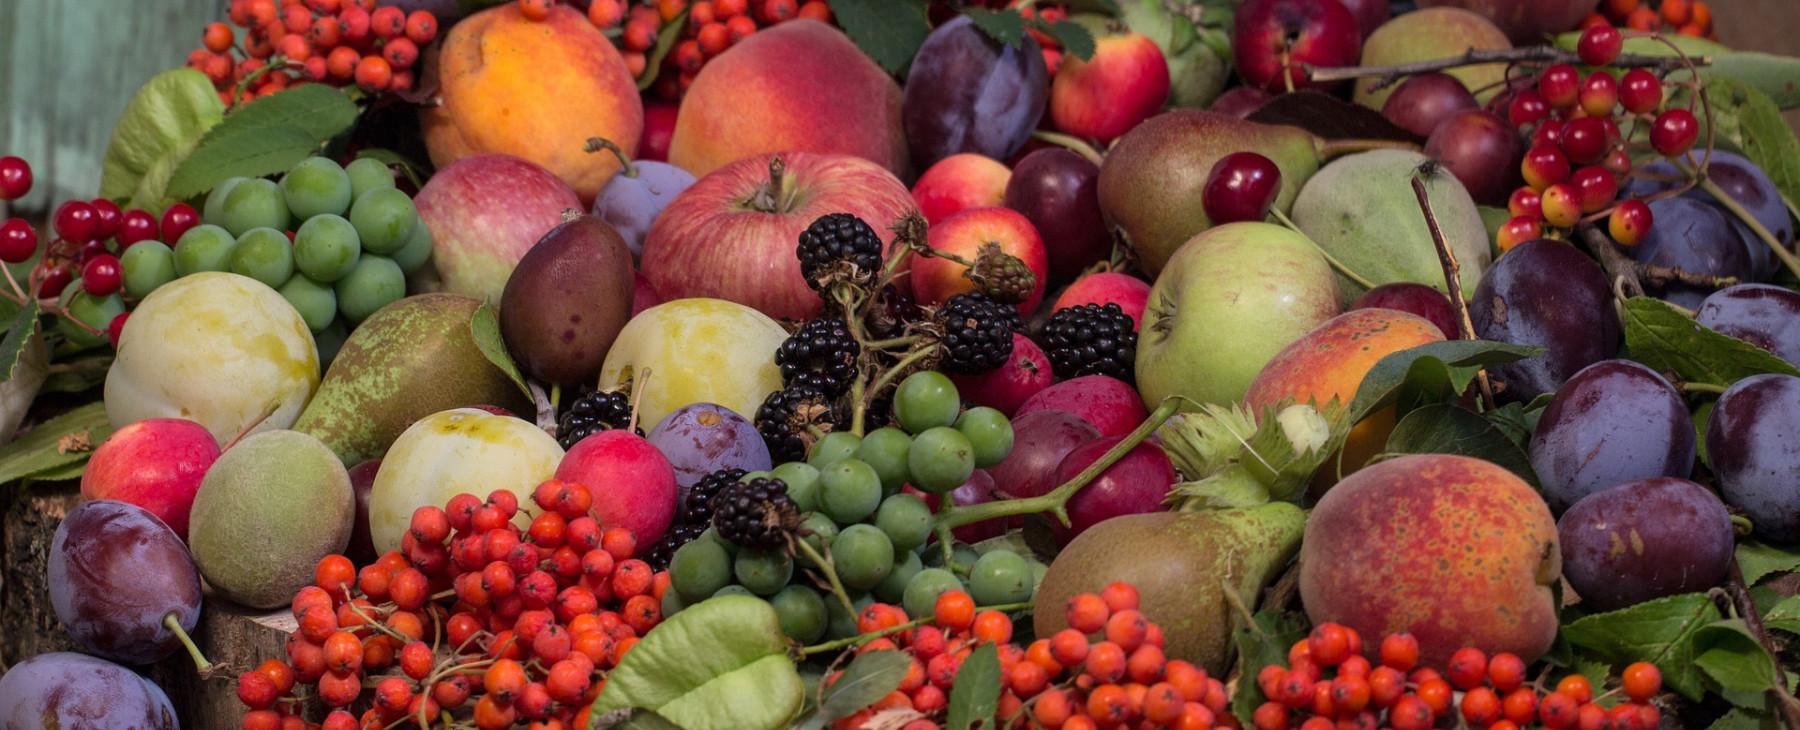 verschiedene Früchtevielfalt